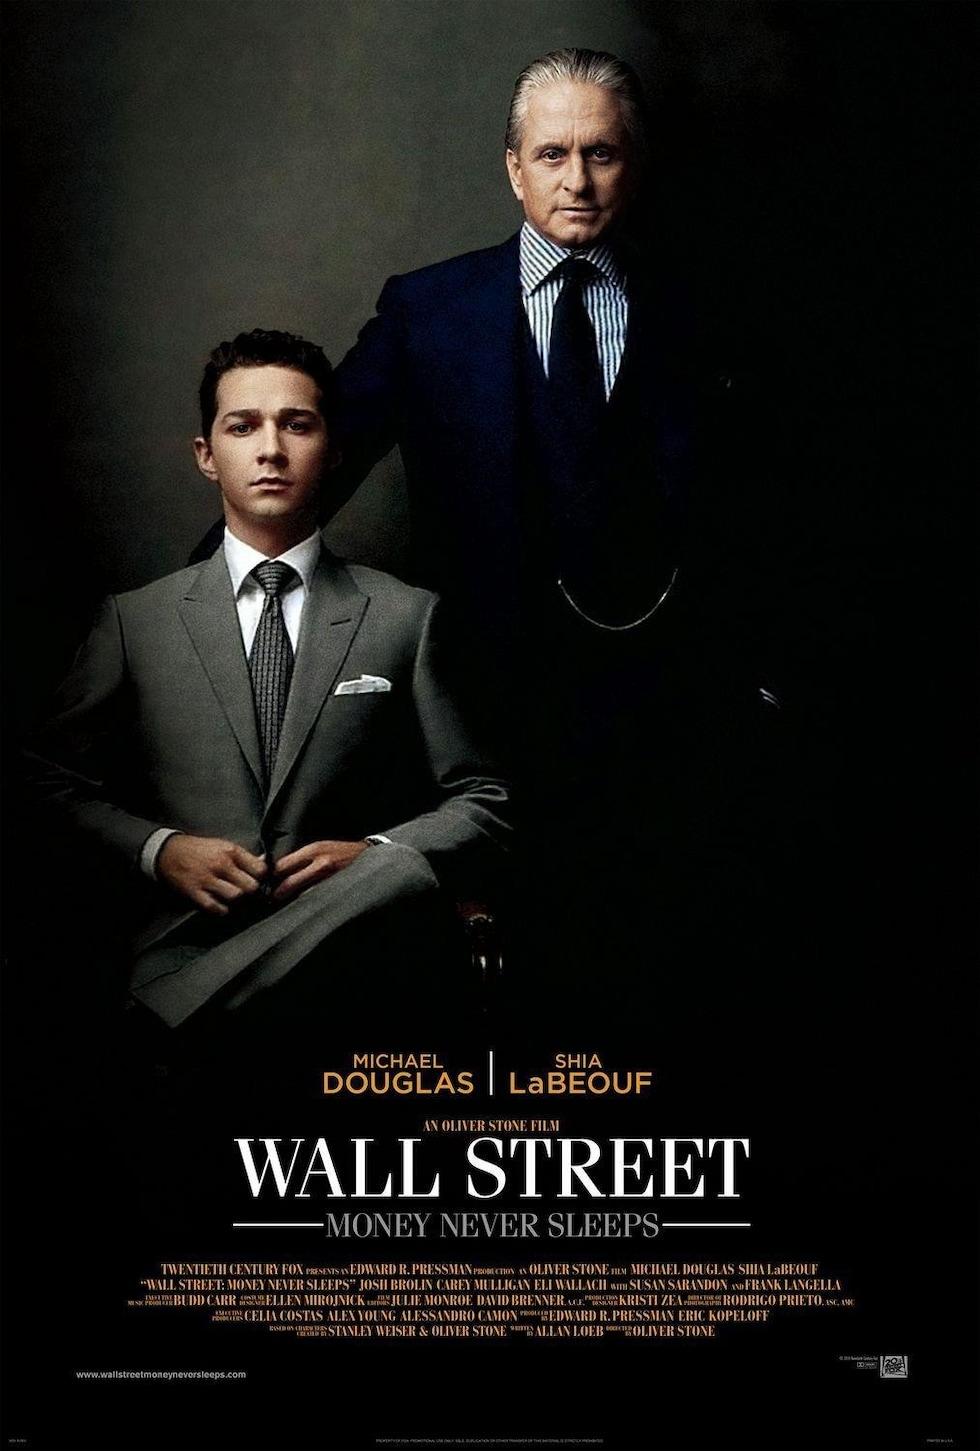 Wall street il denaro non dorme mai amazon it michael douglas - 1 11